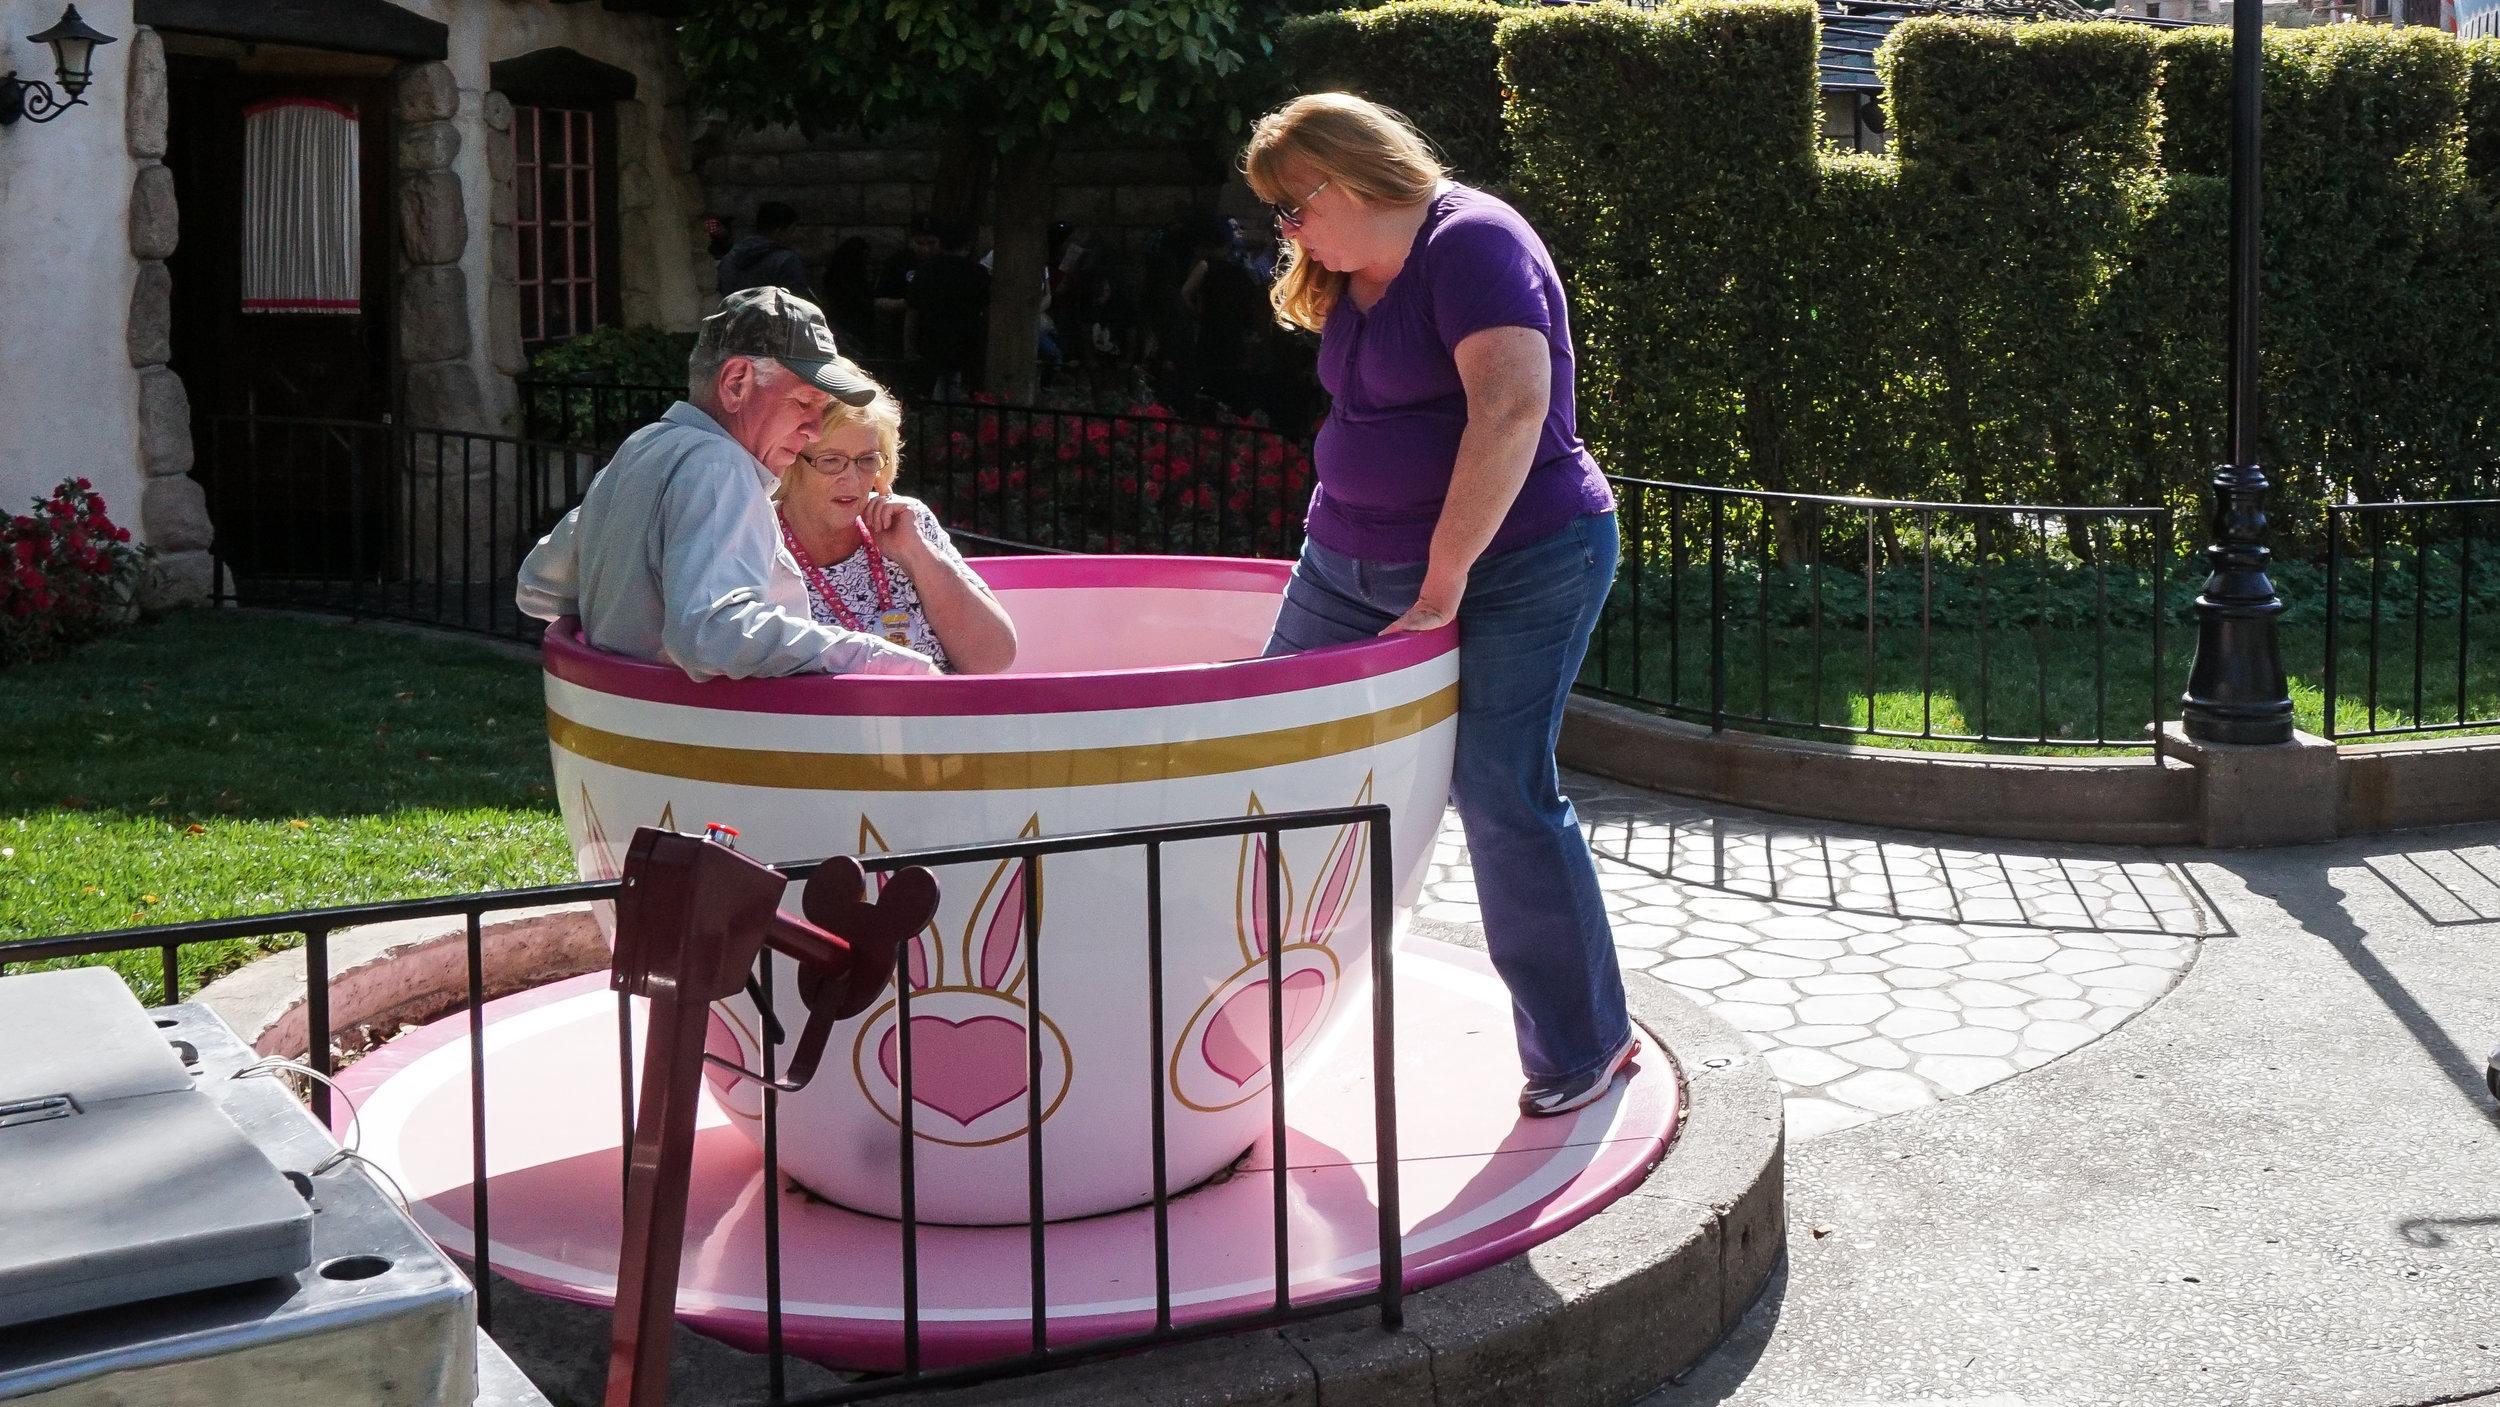 Disney-teacup-10-03433.jpg